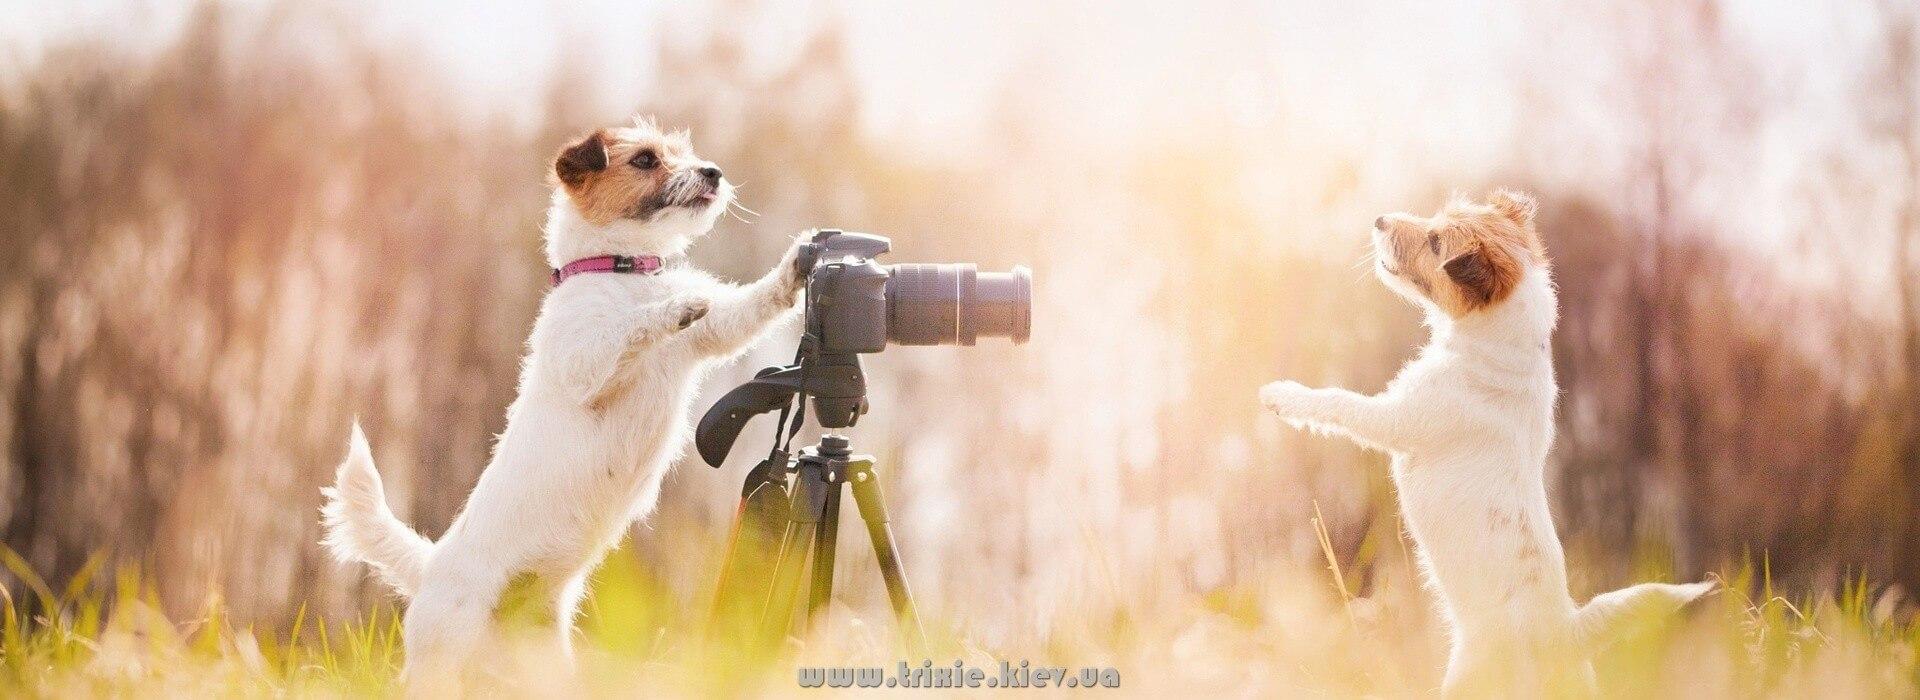 Каталог с фото зоотоваров для собак Трикси